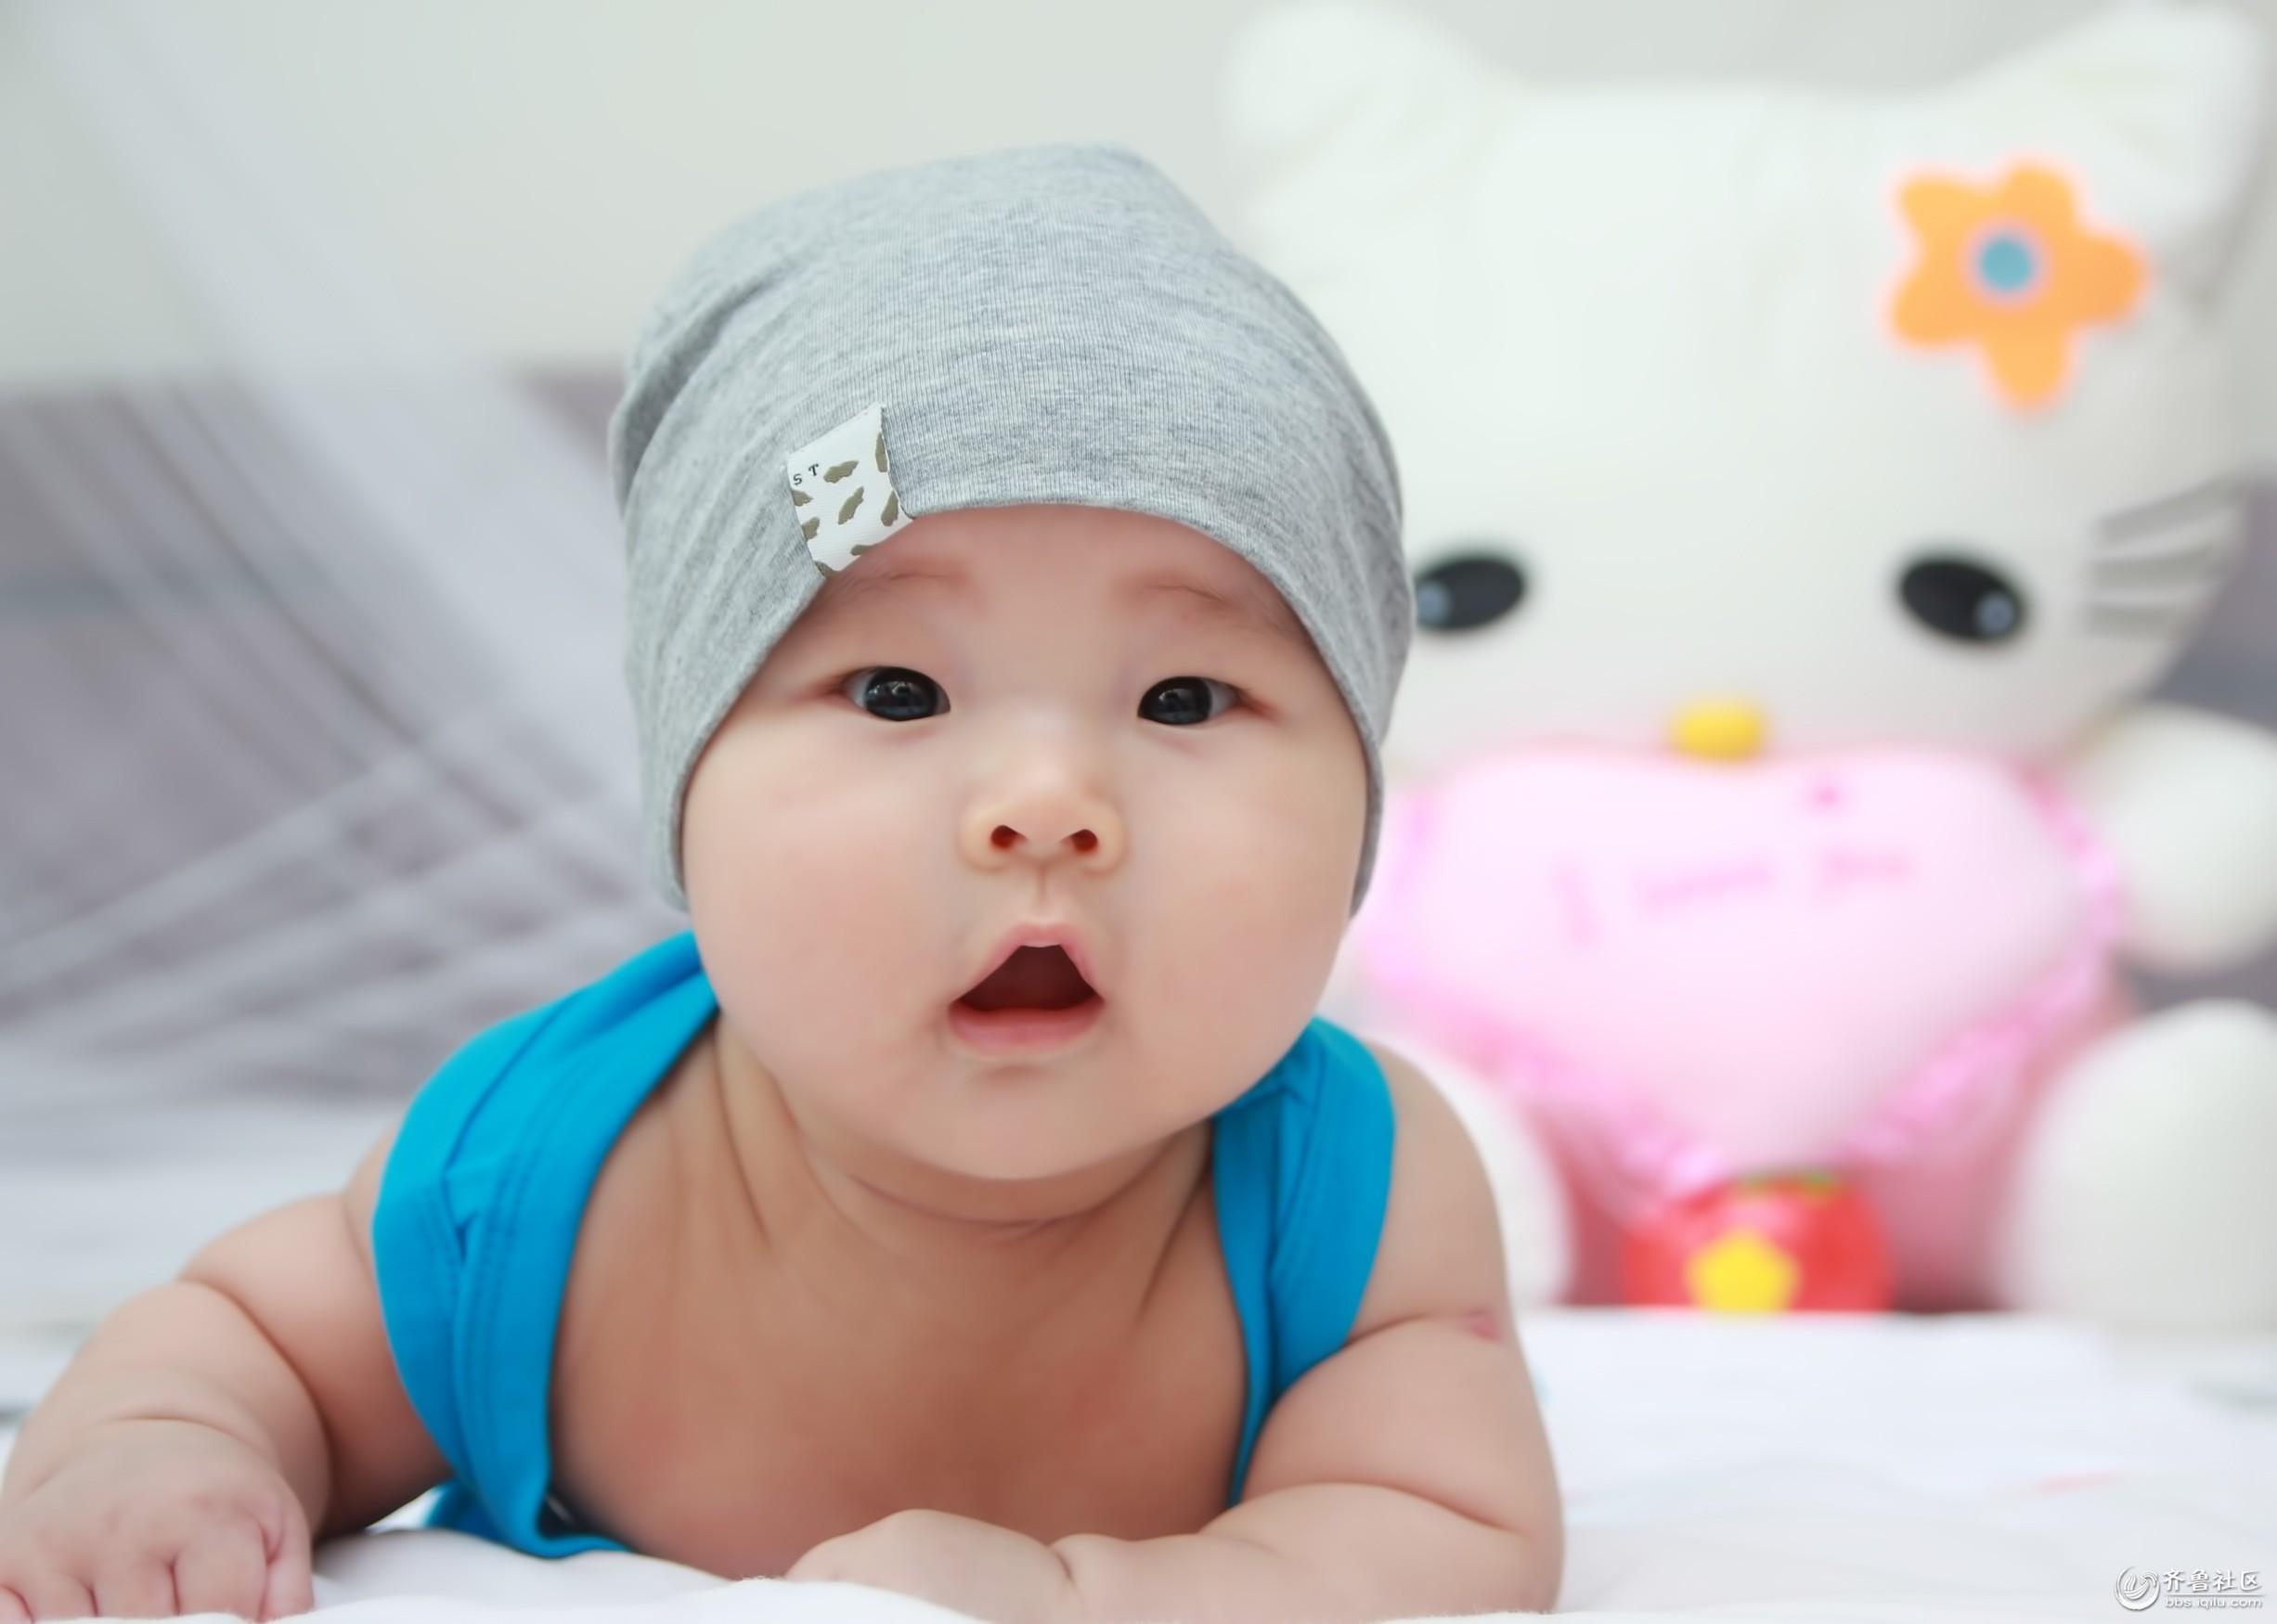 宝宝 壁纸 儿童 孩子 小孩 婴儿 2453_1750